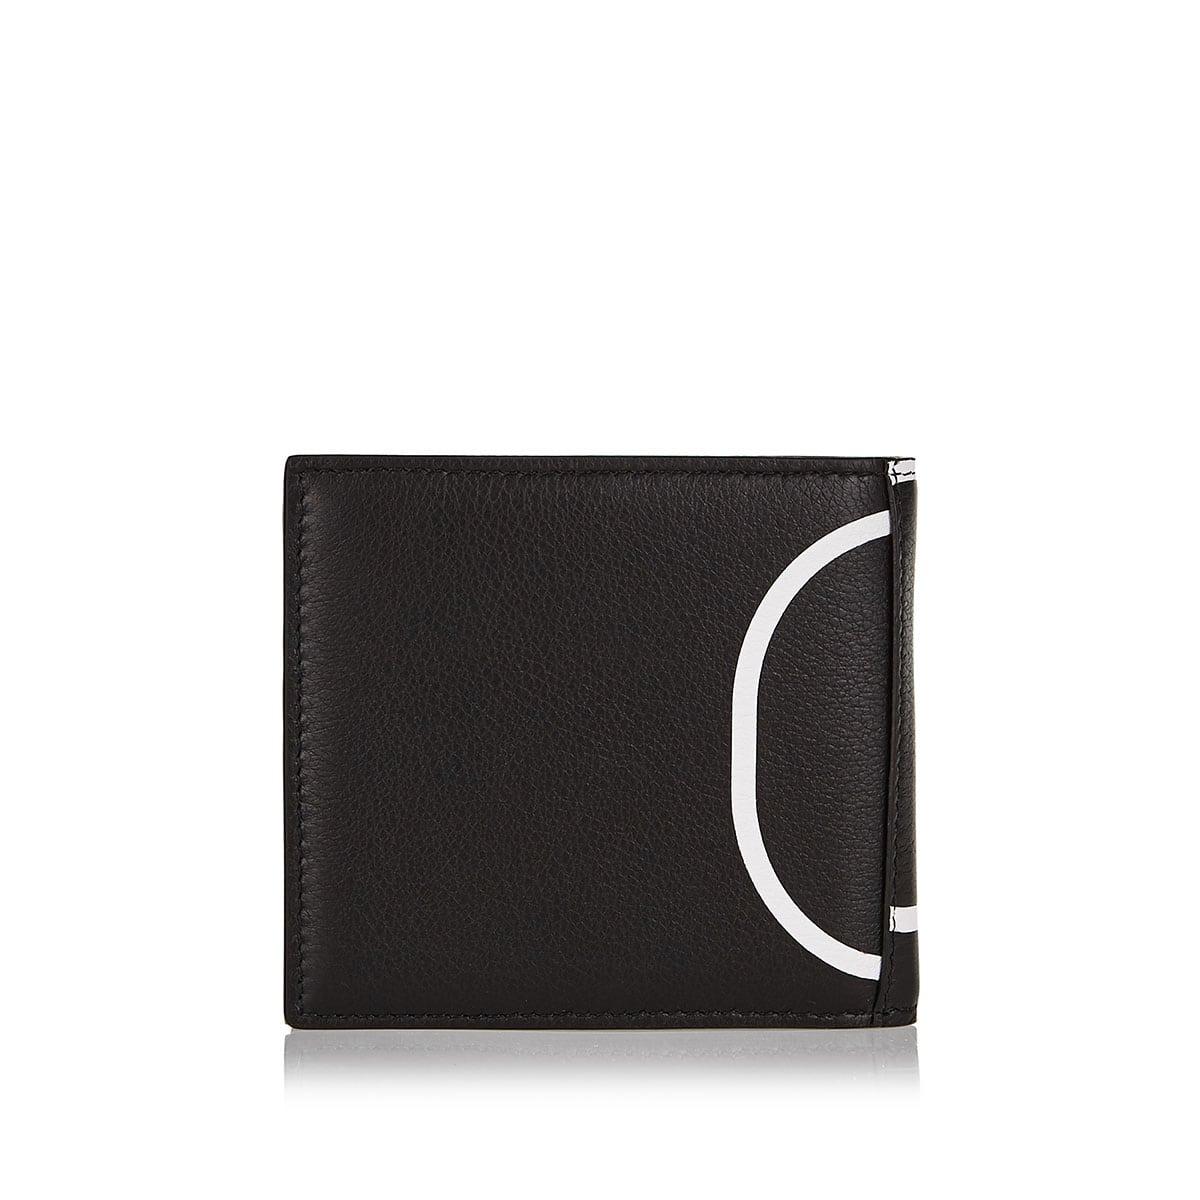 V-logo leather bi-fold wallet